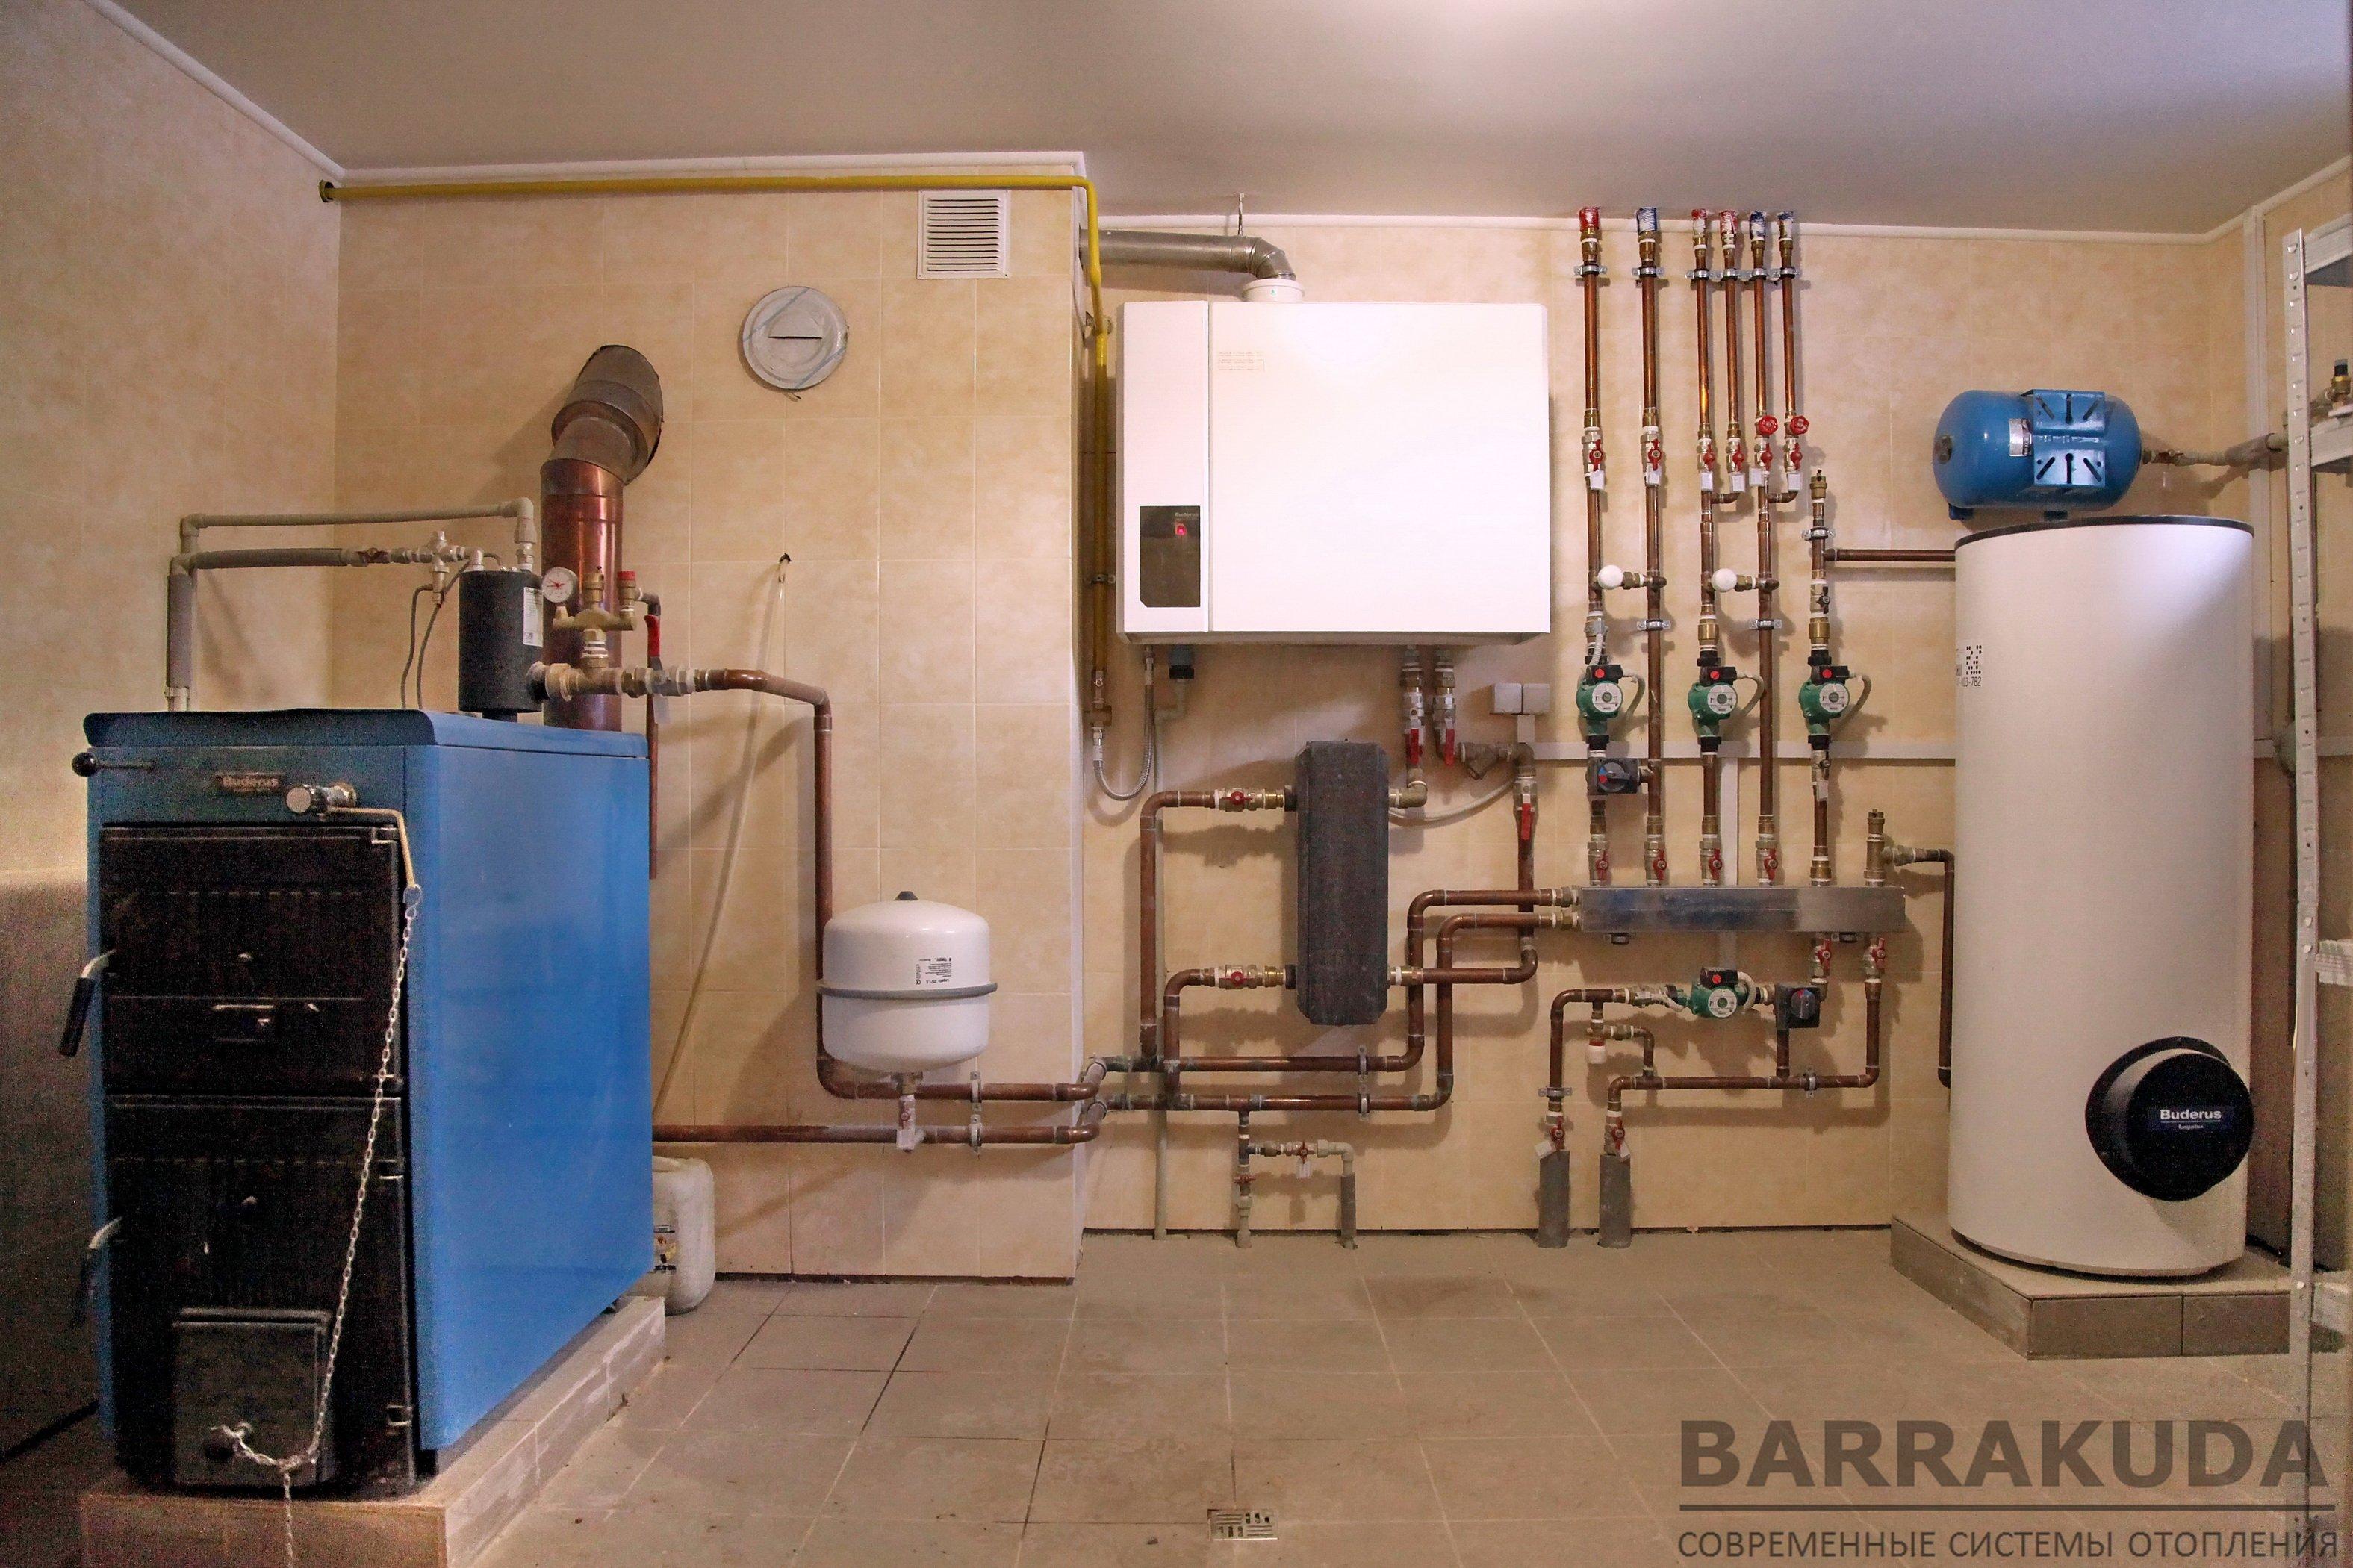 Как устроены системы отопления с насосной циркуляцией — схемы организации